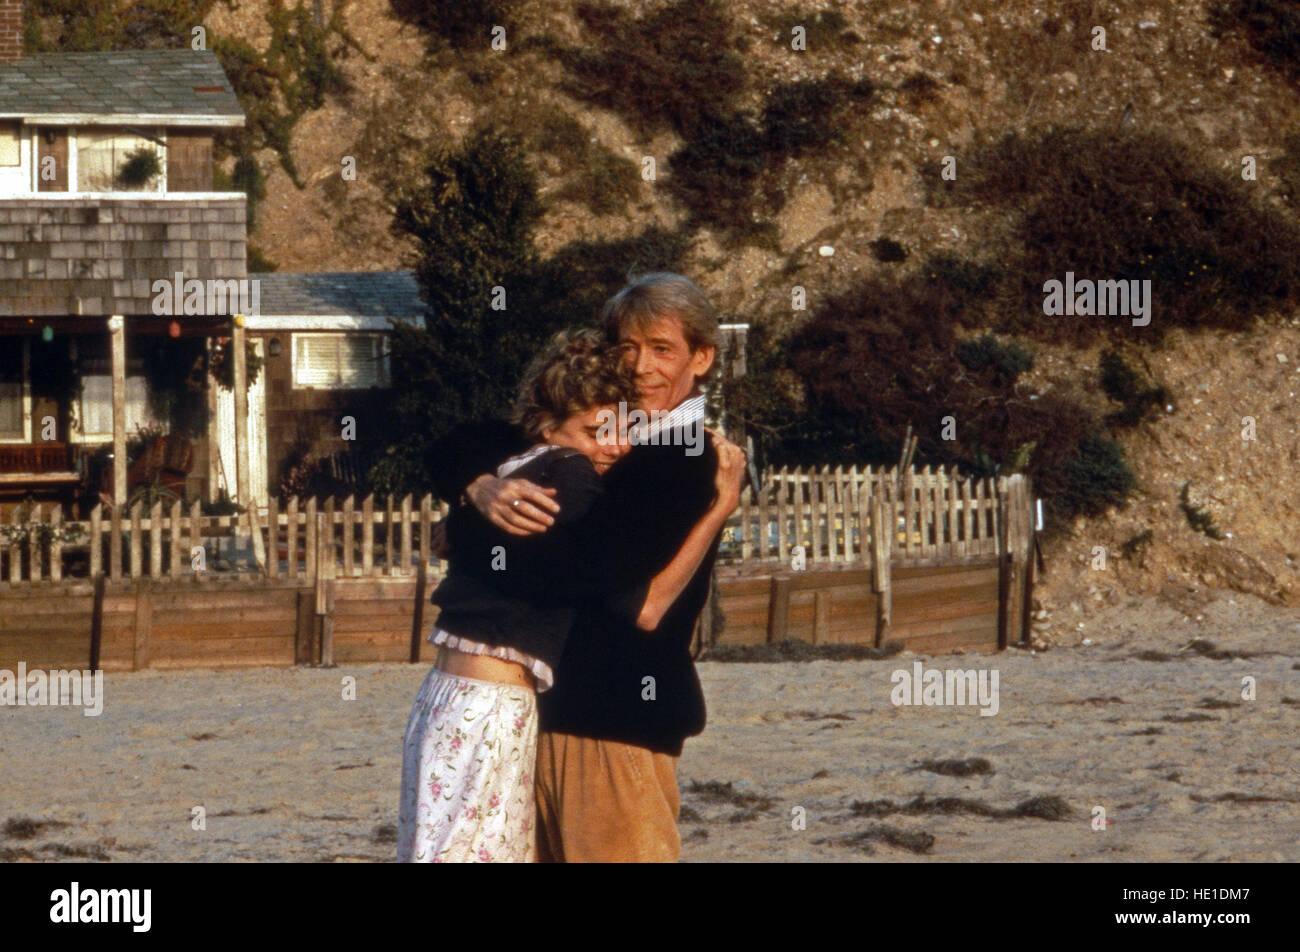 Creator, aka: Creator - Der Professor und die Sünde, USA 1985, Regie: Ivan Passer, Darsteller: Mariel Hemingway, Stock Photo